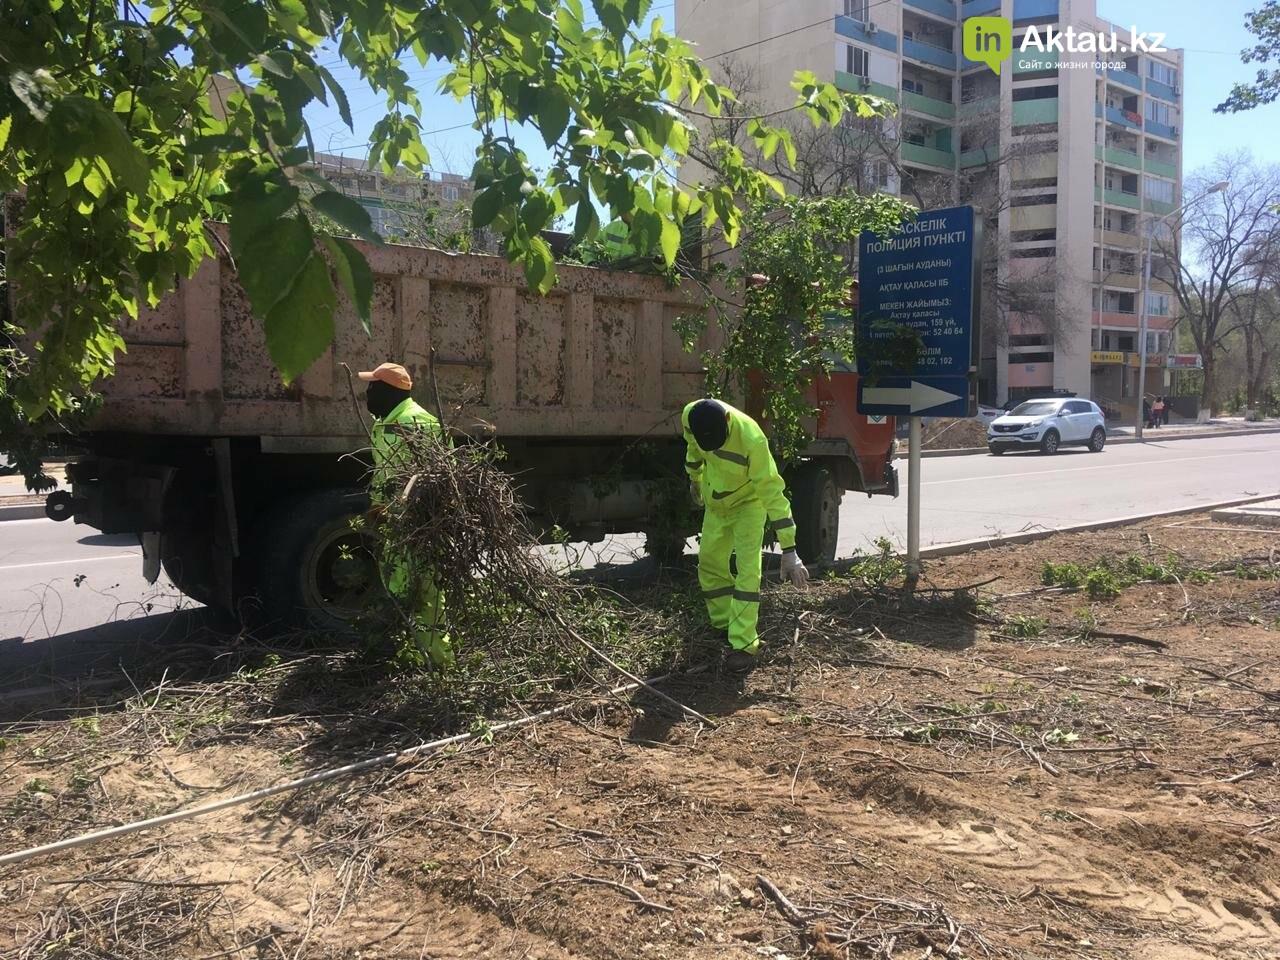 Самую зеленую аллею в Актау может заменить газон, фото-4